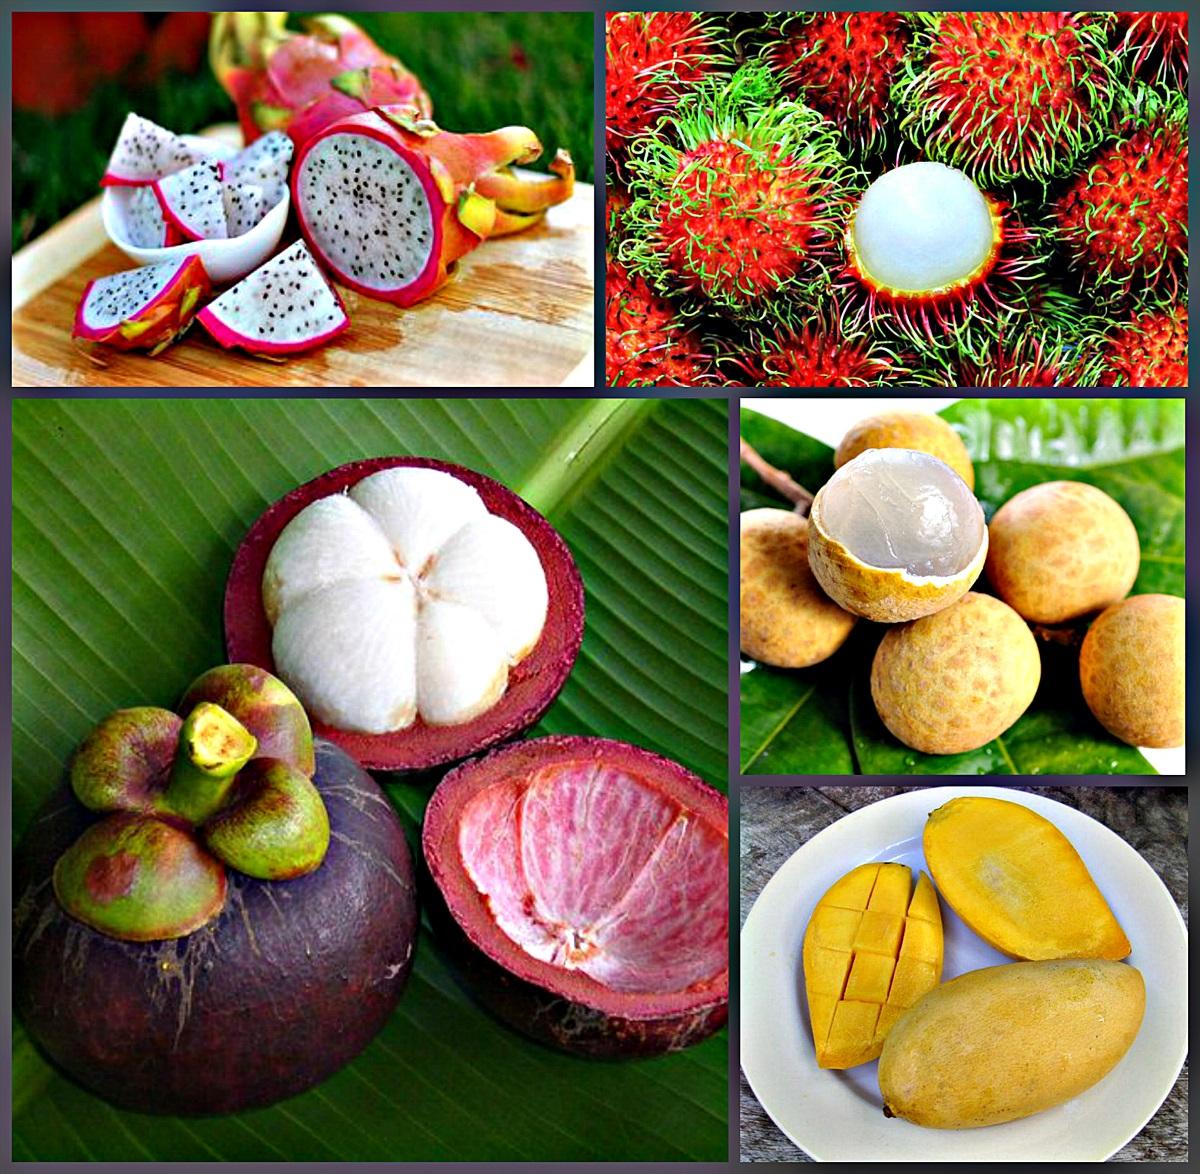 рекламу фрукты таиланда с фото и названиями толшько